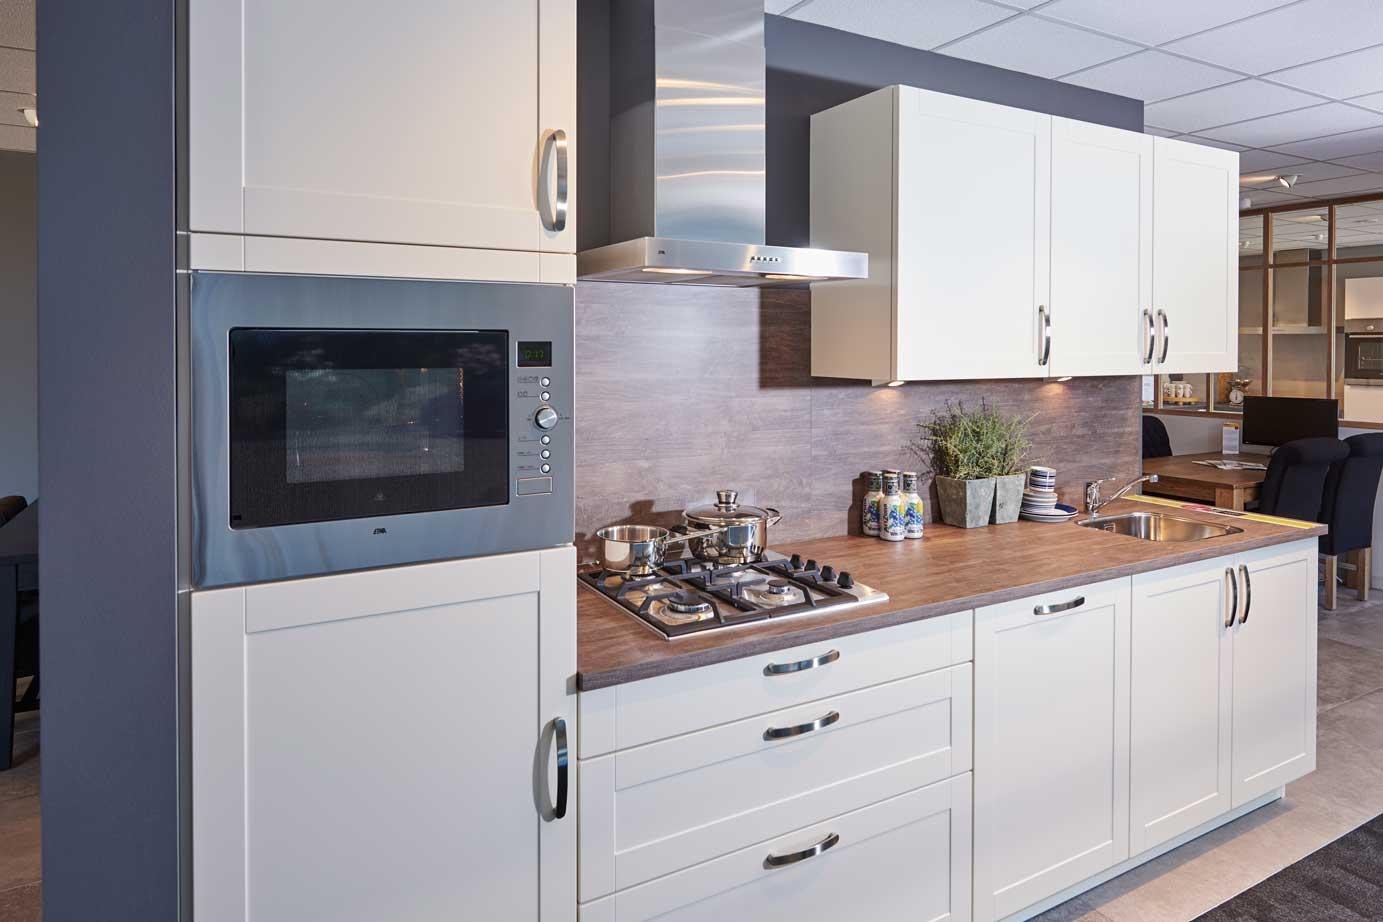 Ardi Keukens Ervaringen : Tijdloze keuken klein en goedkoop met etna apparatuur db keukens